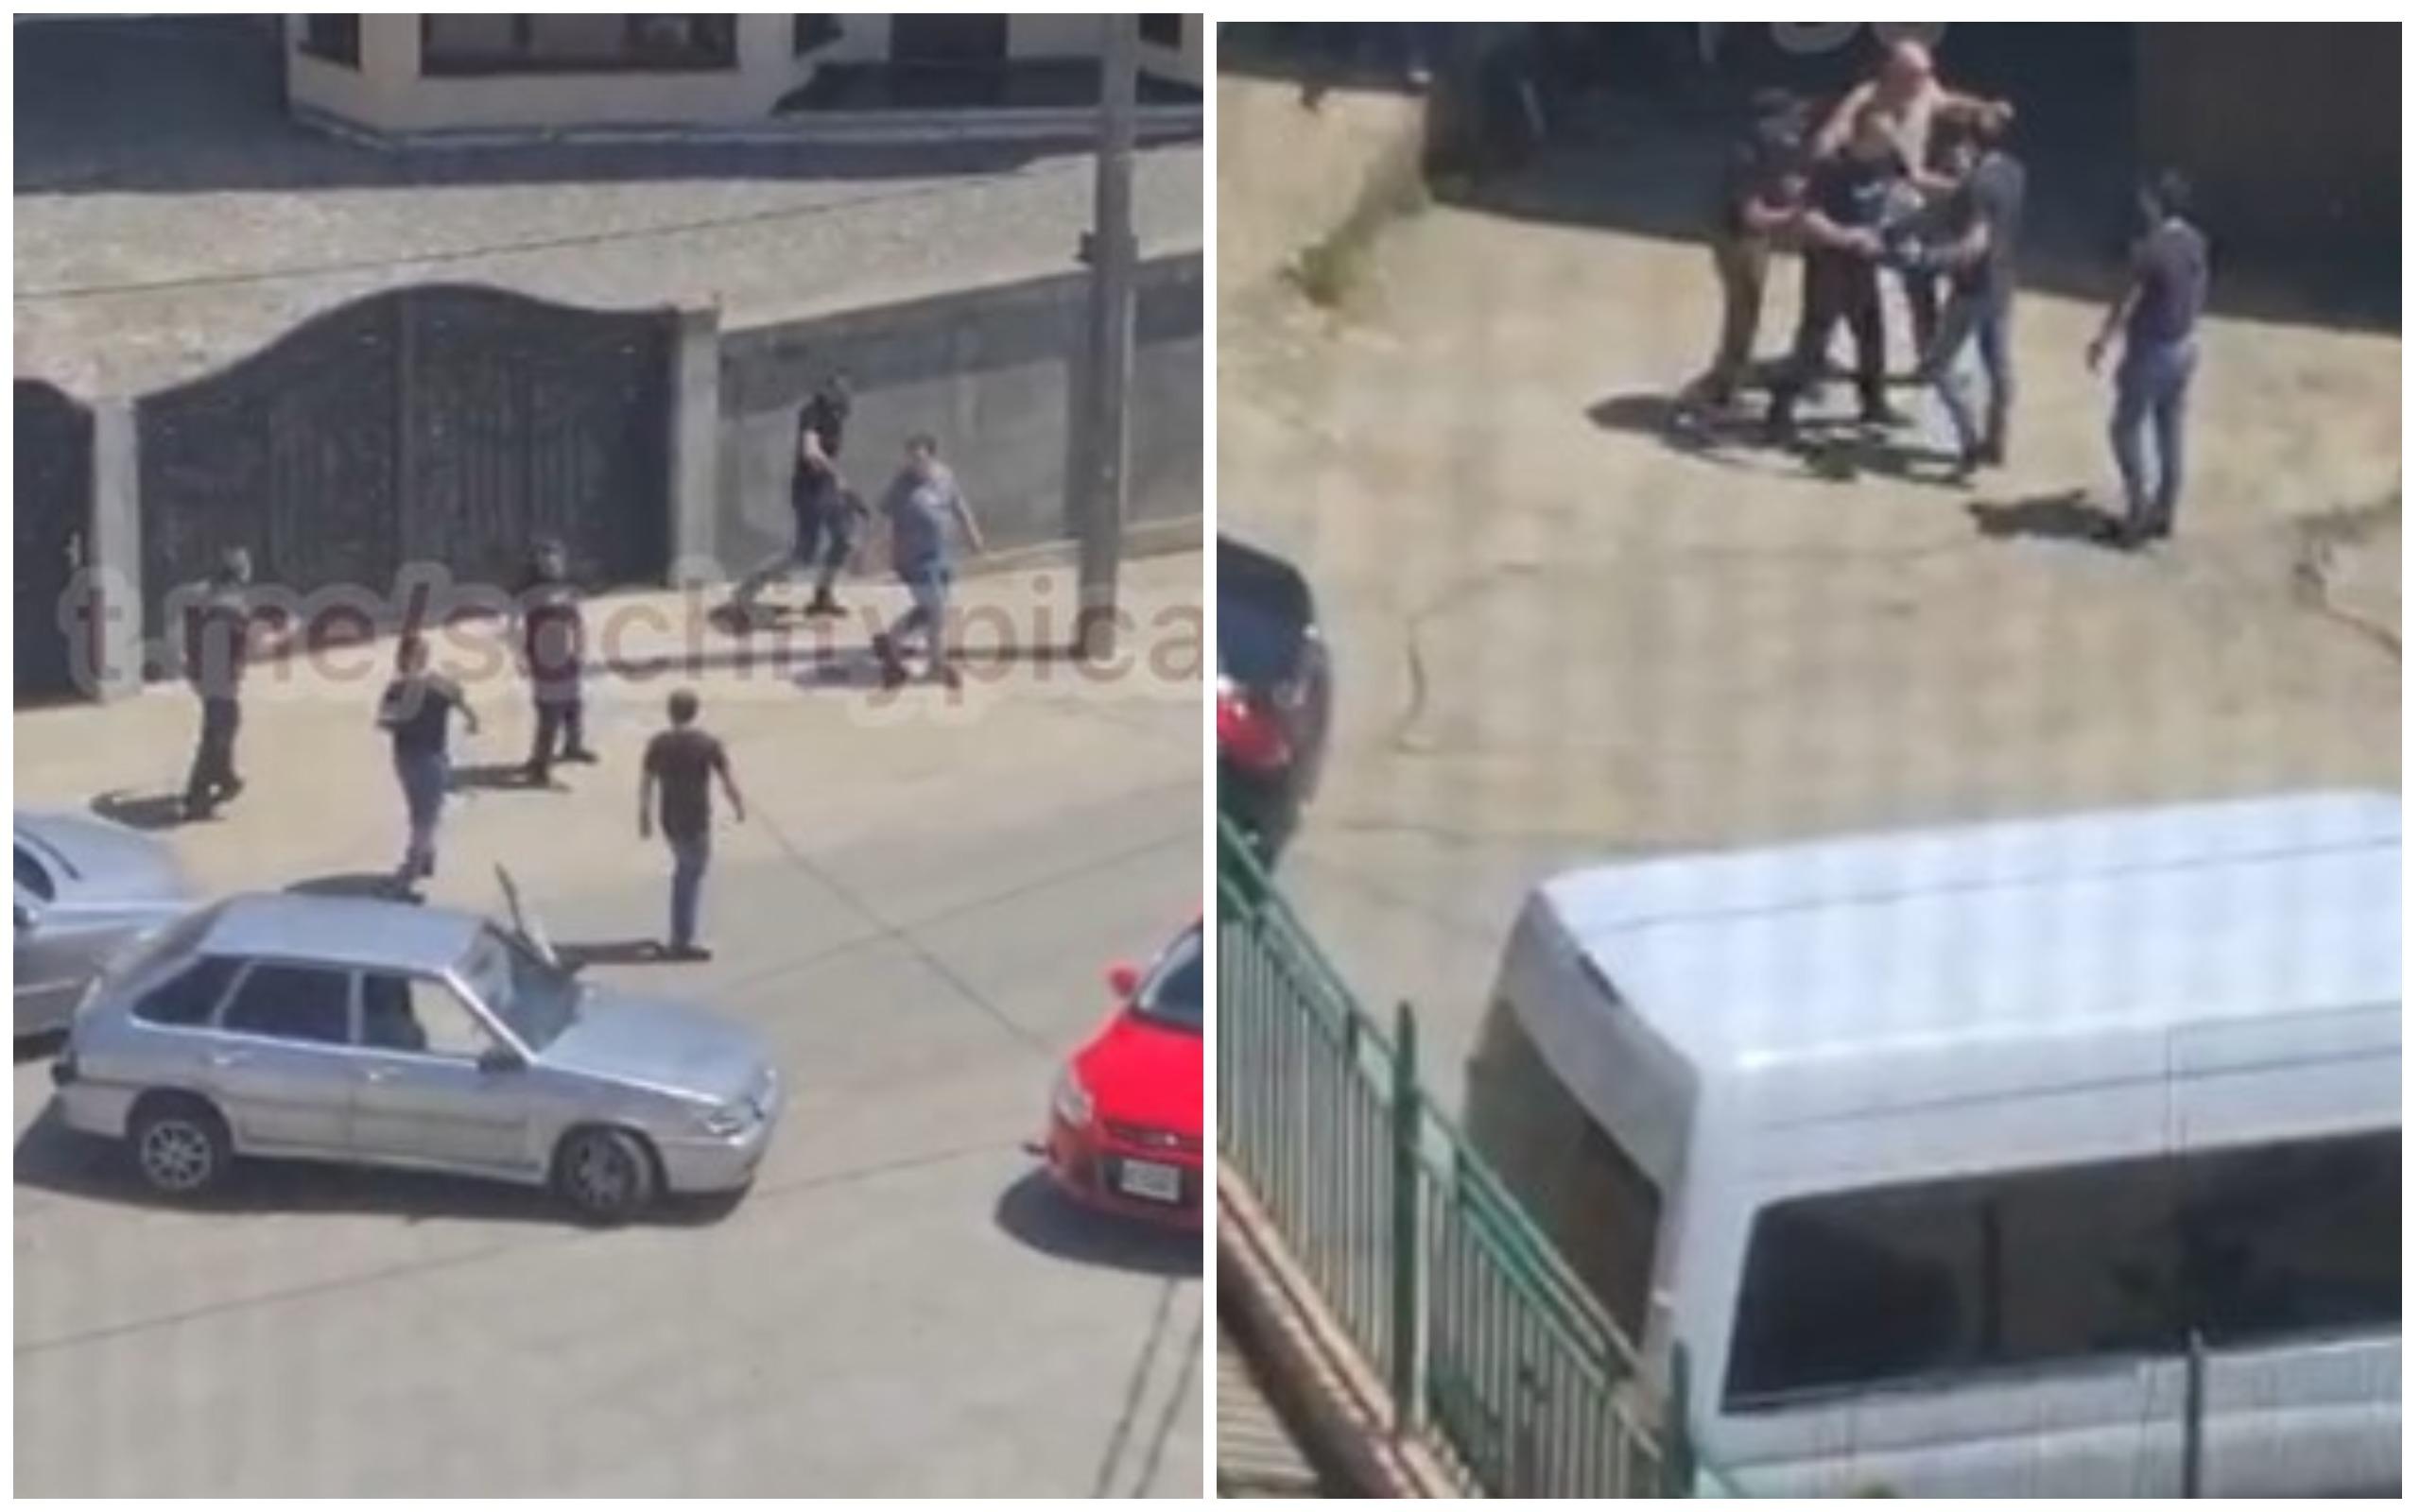 В Сочи конфликт группы мужчин закончился стрельбой, инцидент попал на видео